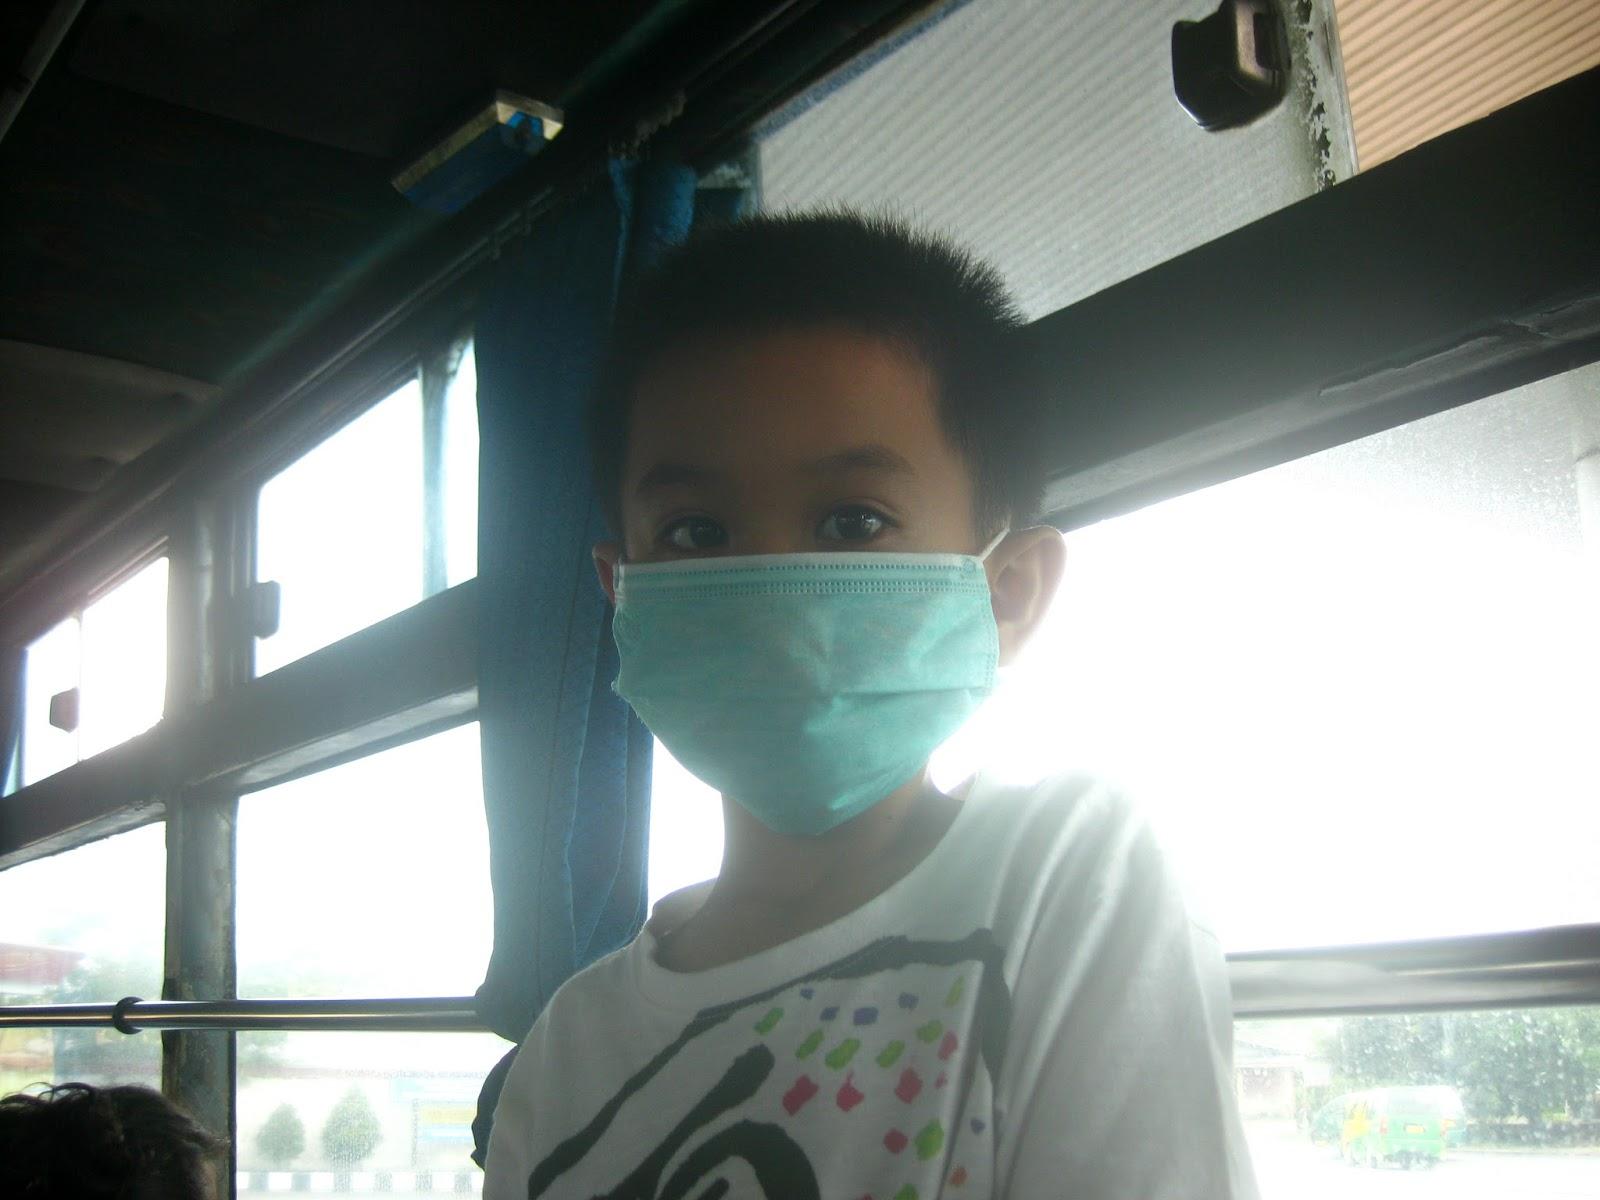 Menikmati perjalanan dengan bus umum